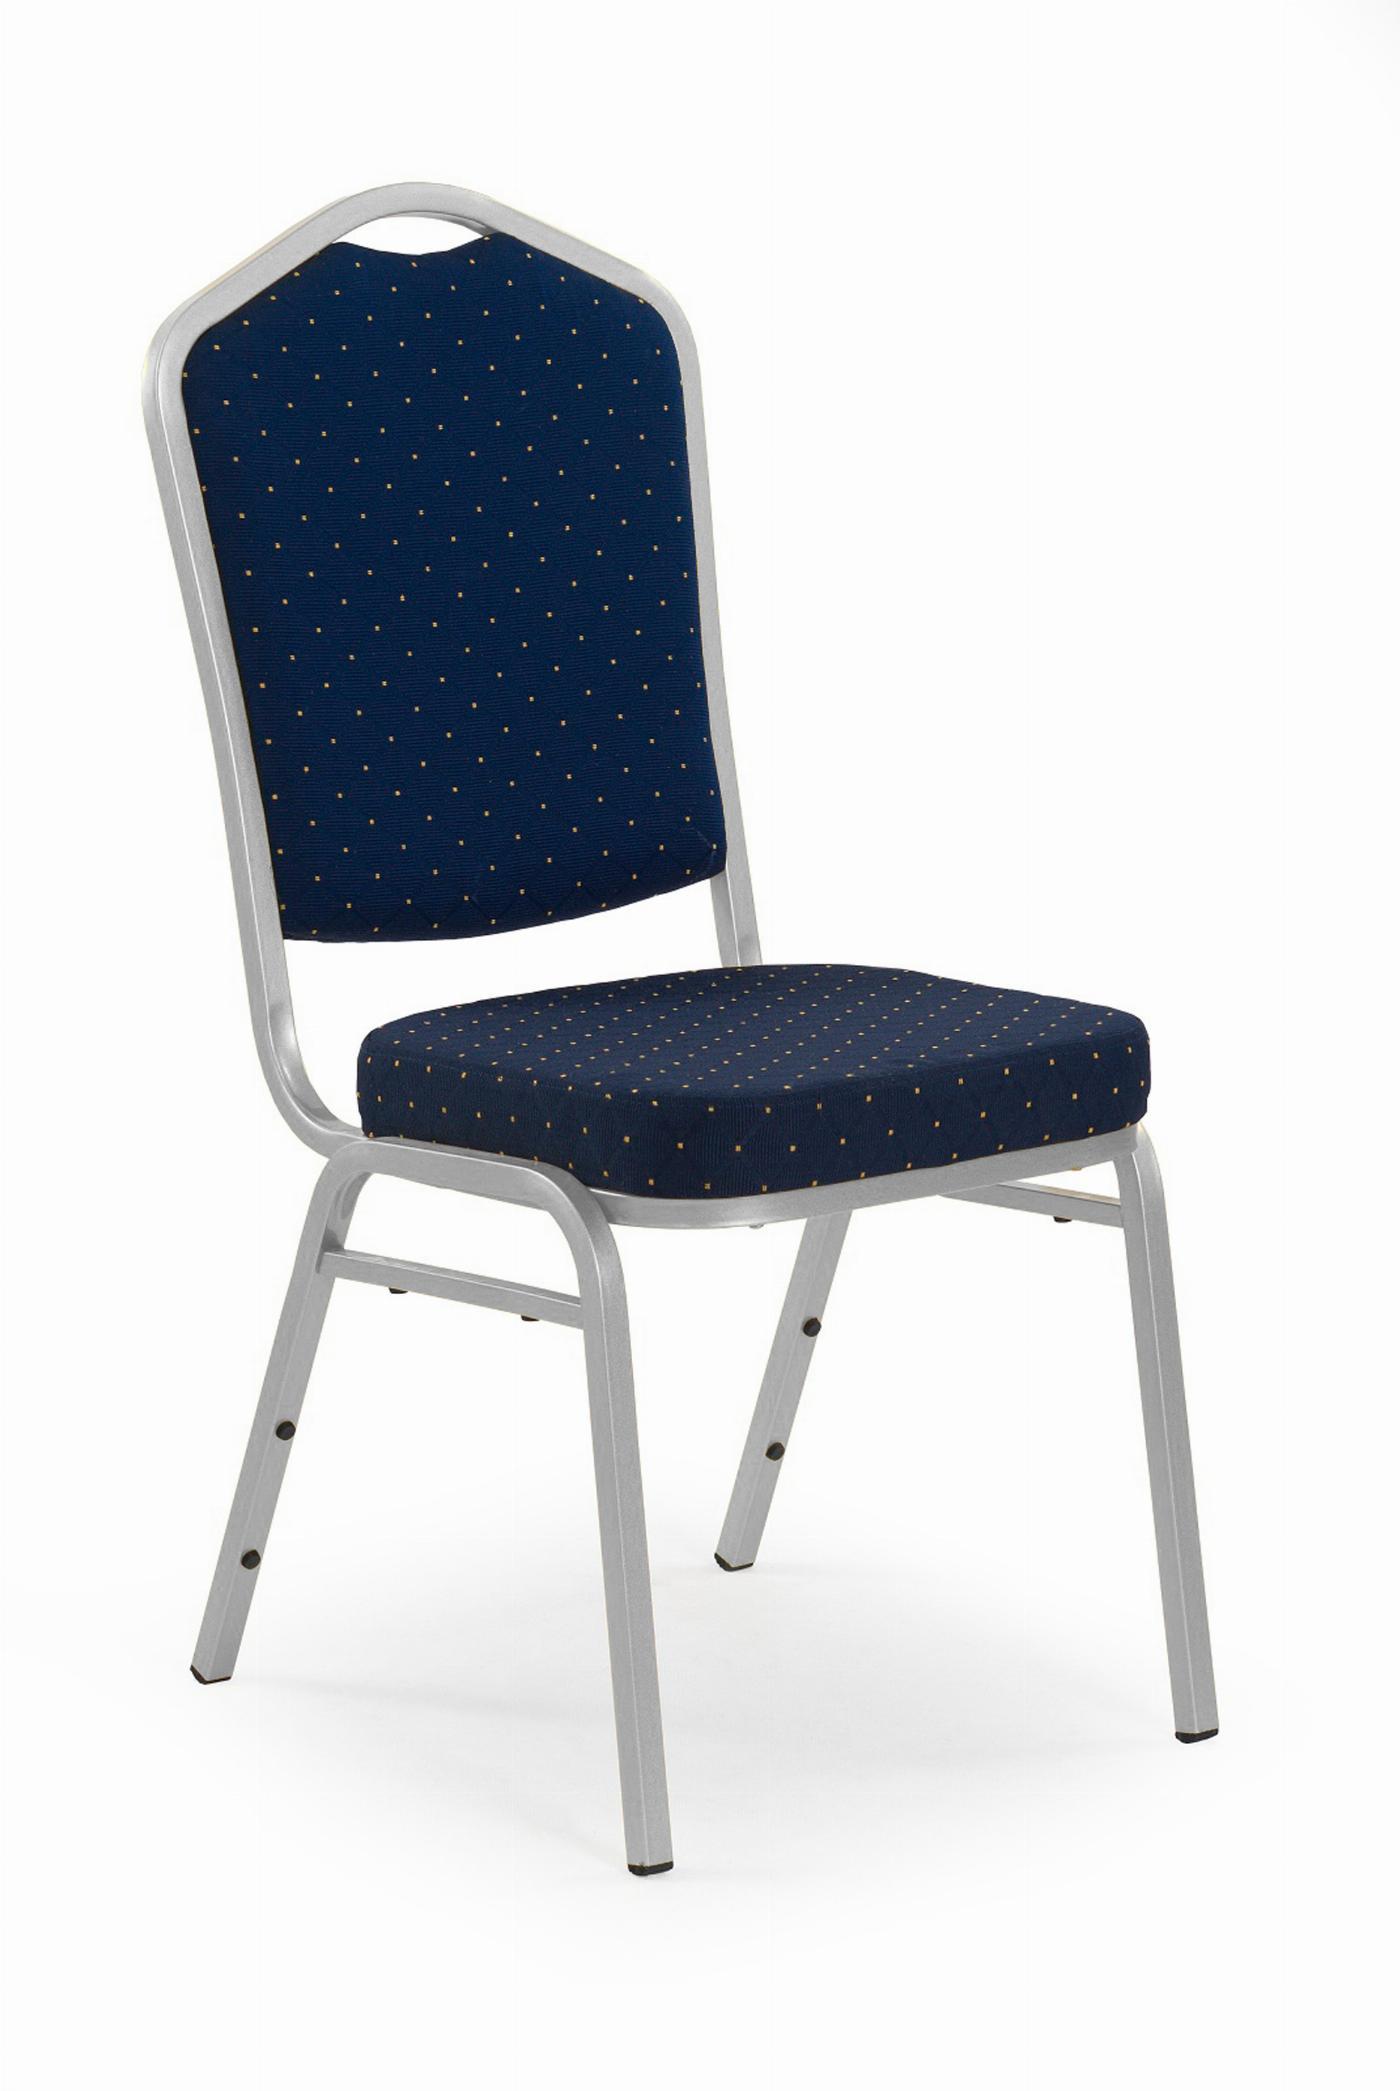 K66S krzesło niebieski, stelaż srebrny (1p=1szt)